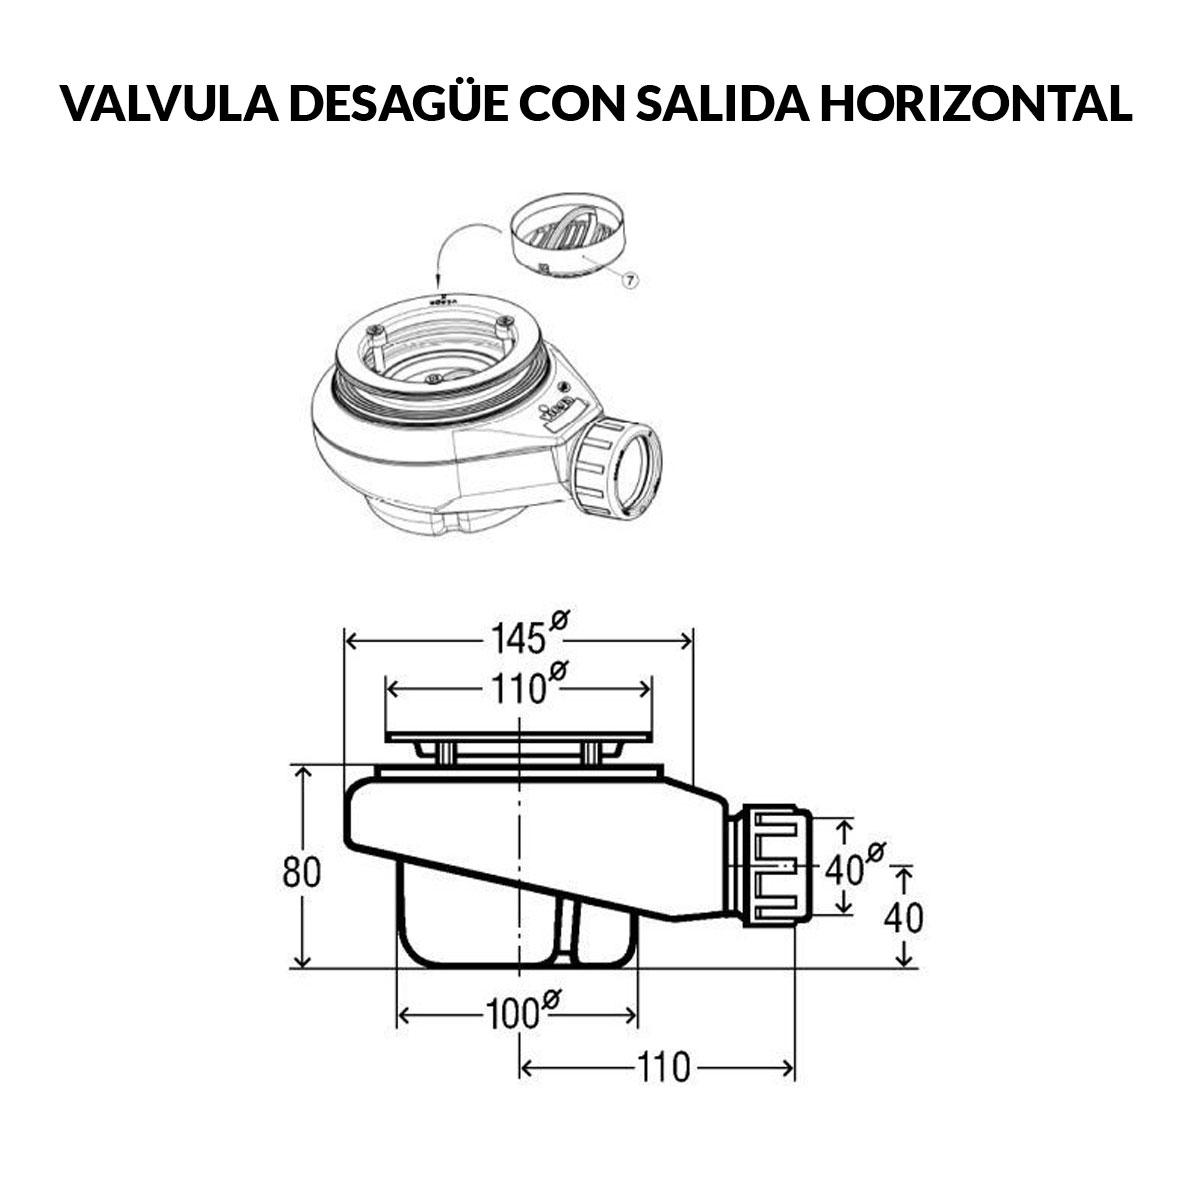 Válvula diseño